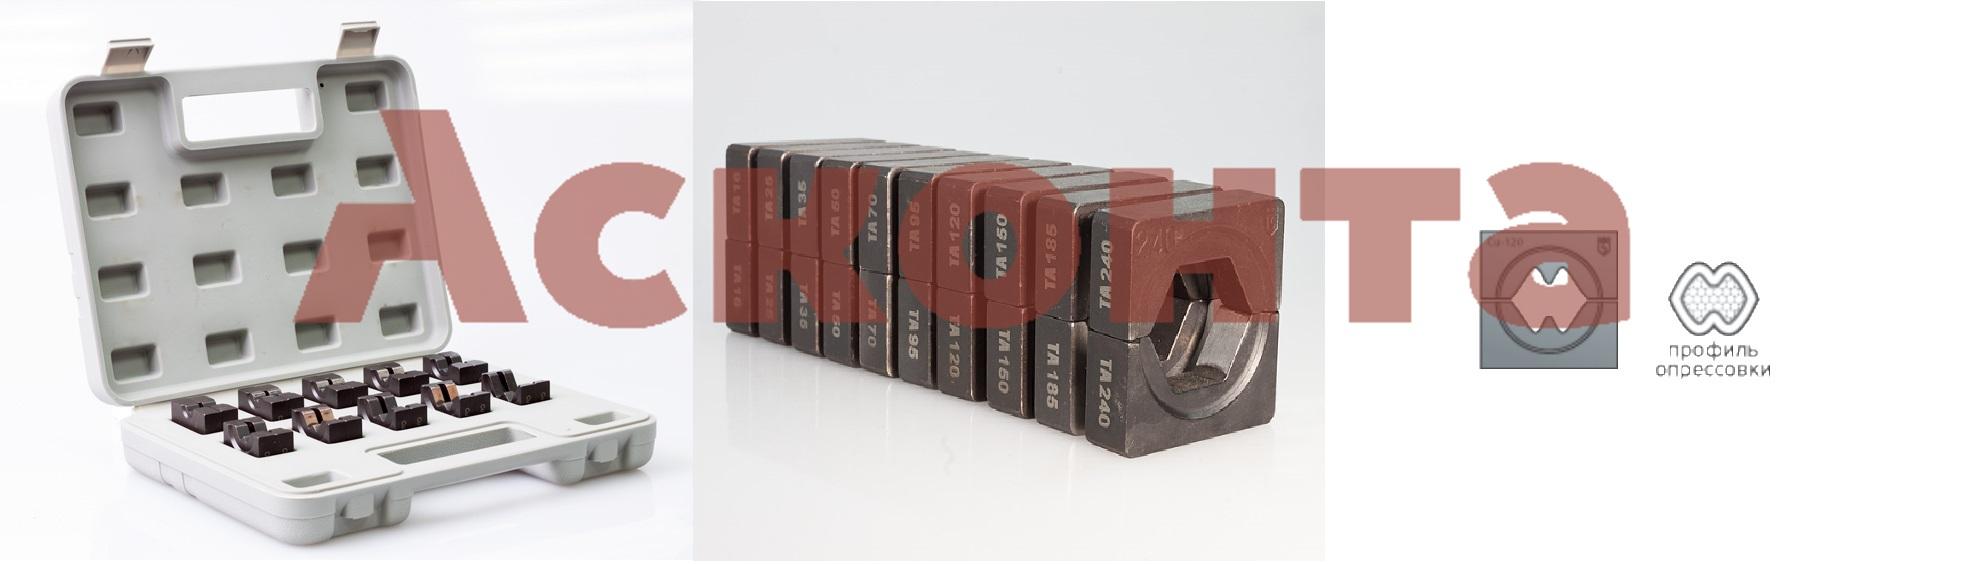 НМ-300 ТМ Набор матриц для опрессовки медных наконечников по ГОСТ КВТ